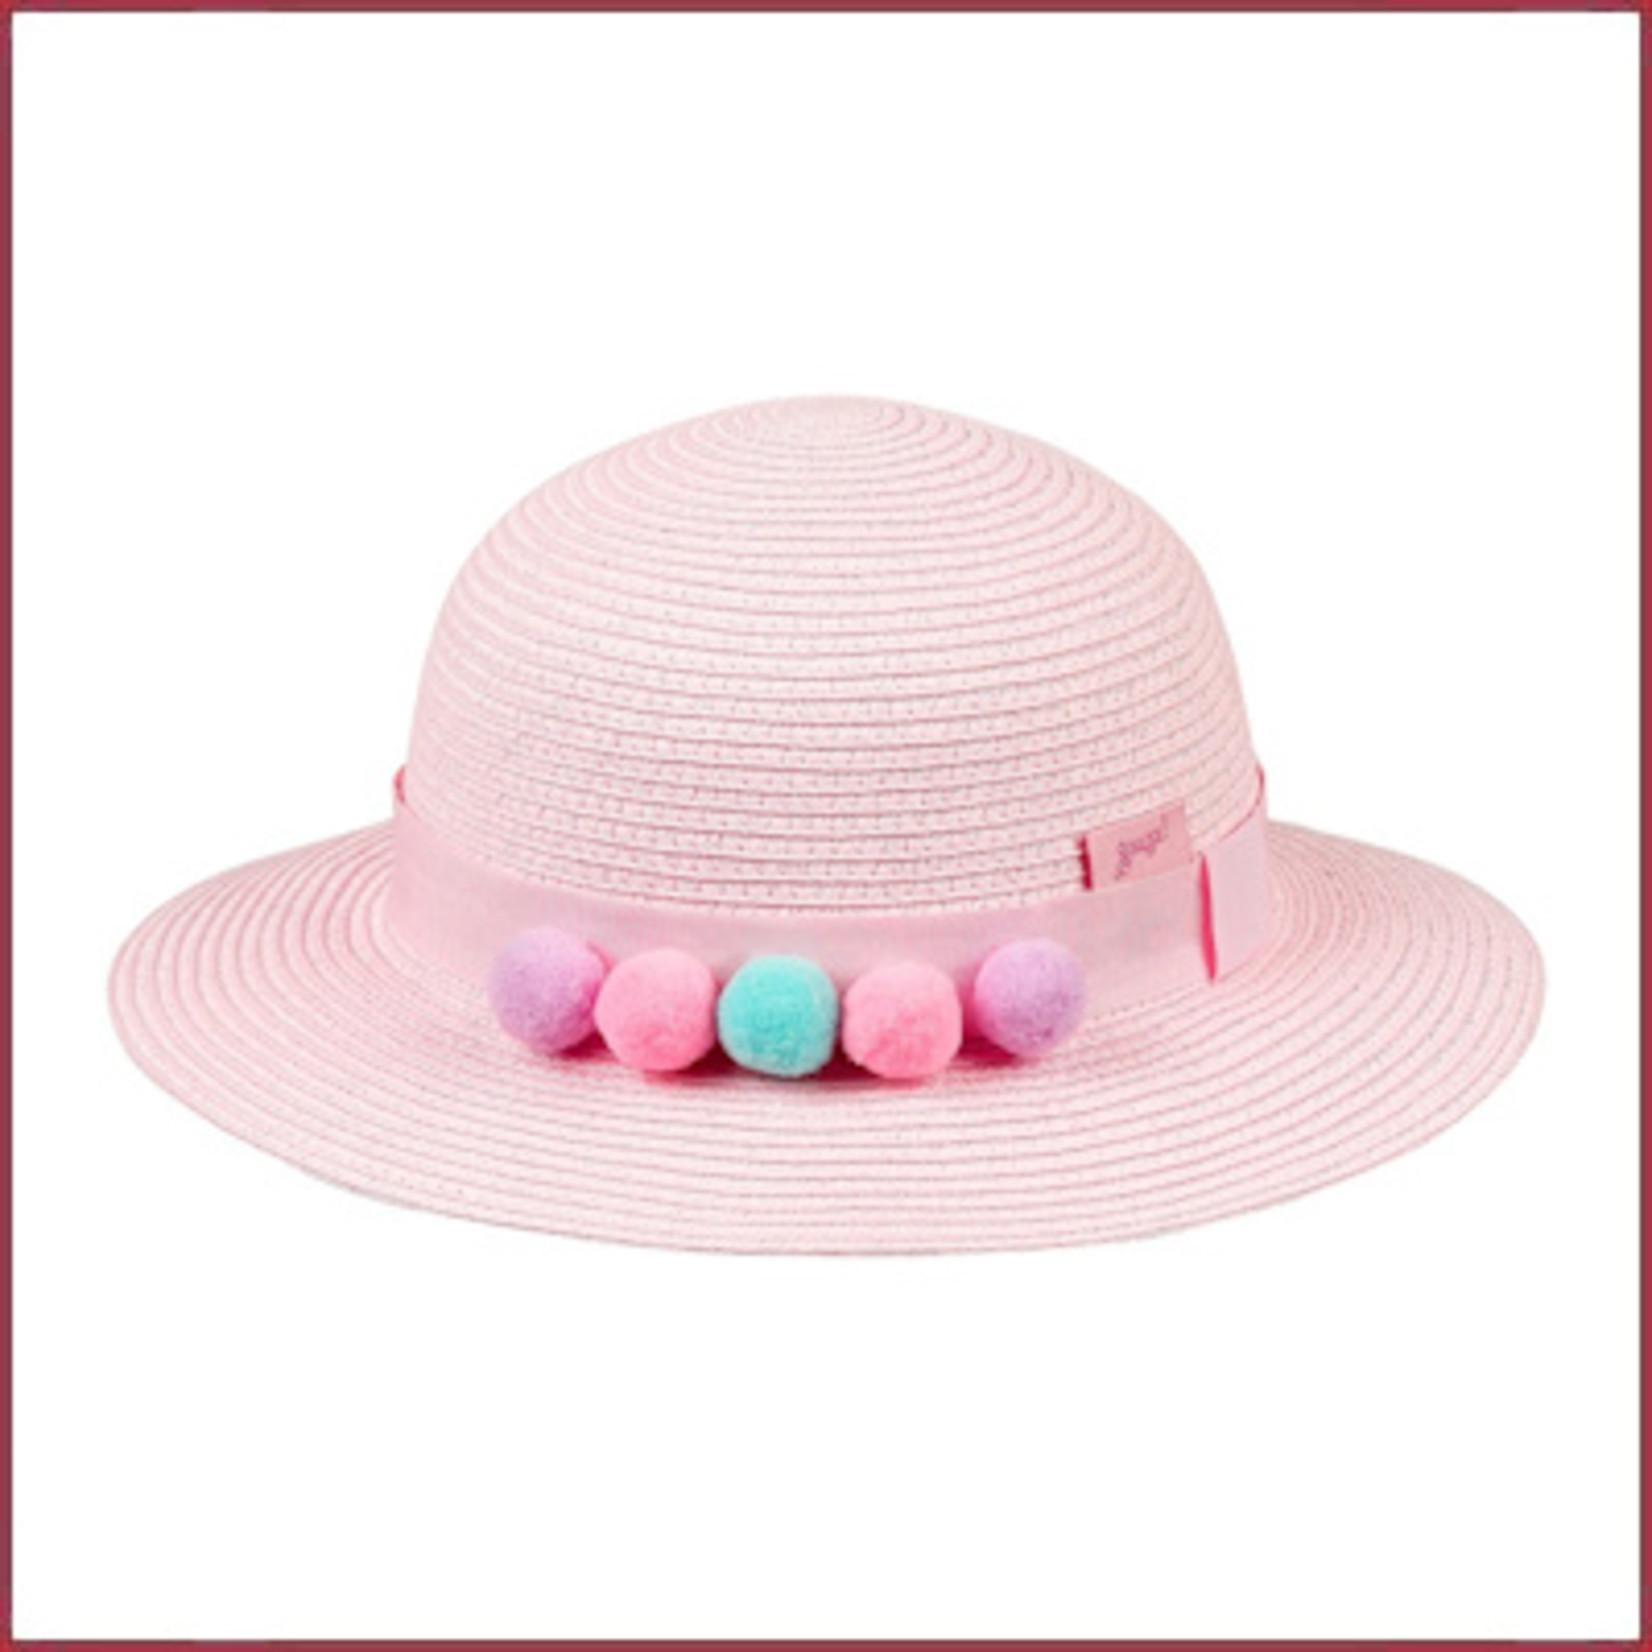 Souza for kids Hoed Anine, licht roze met pompons